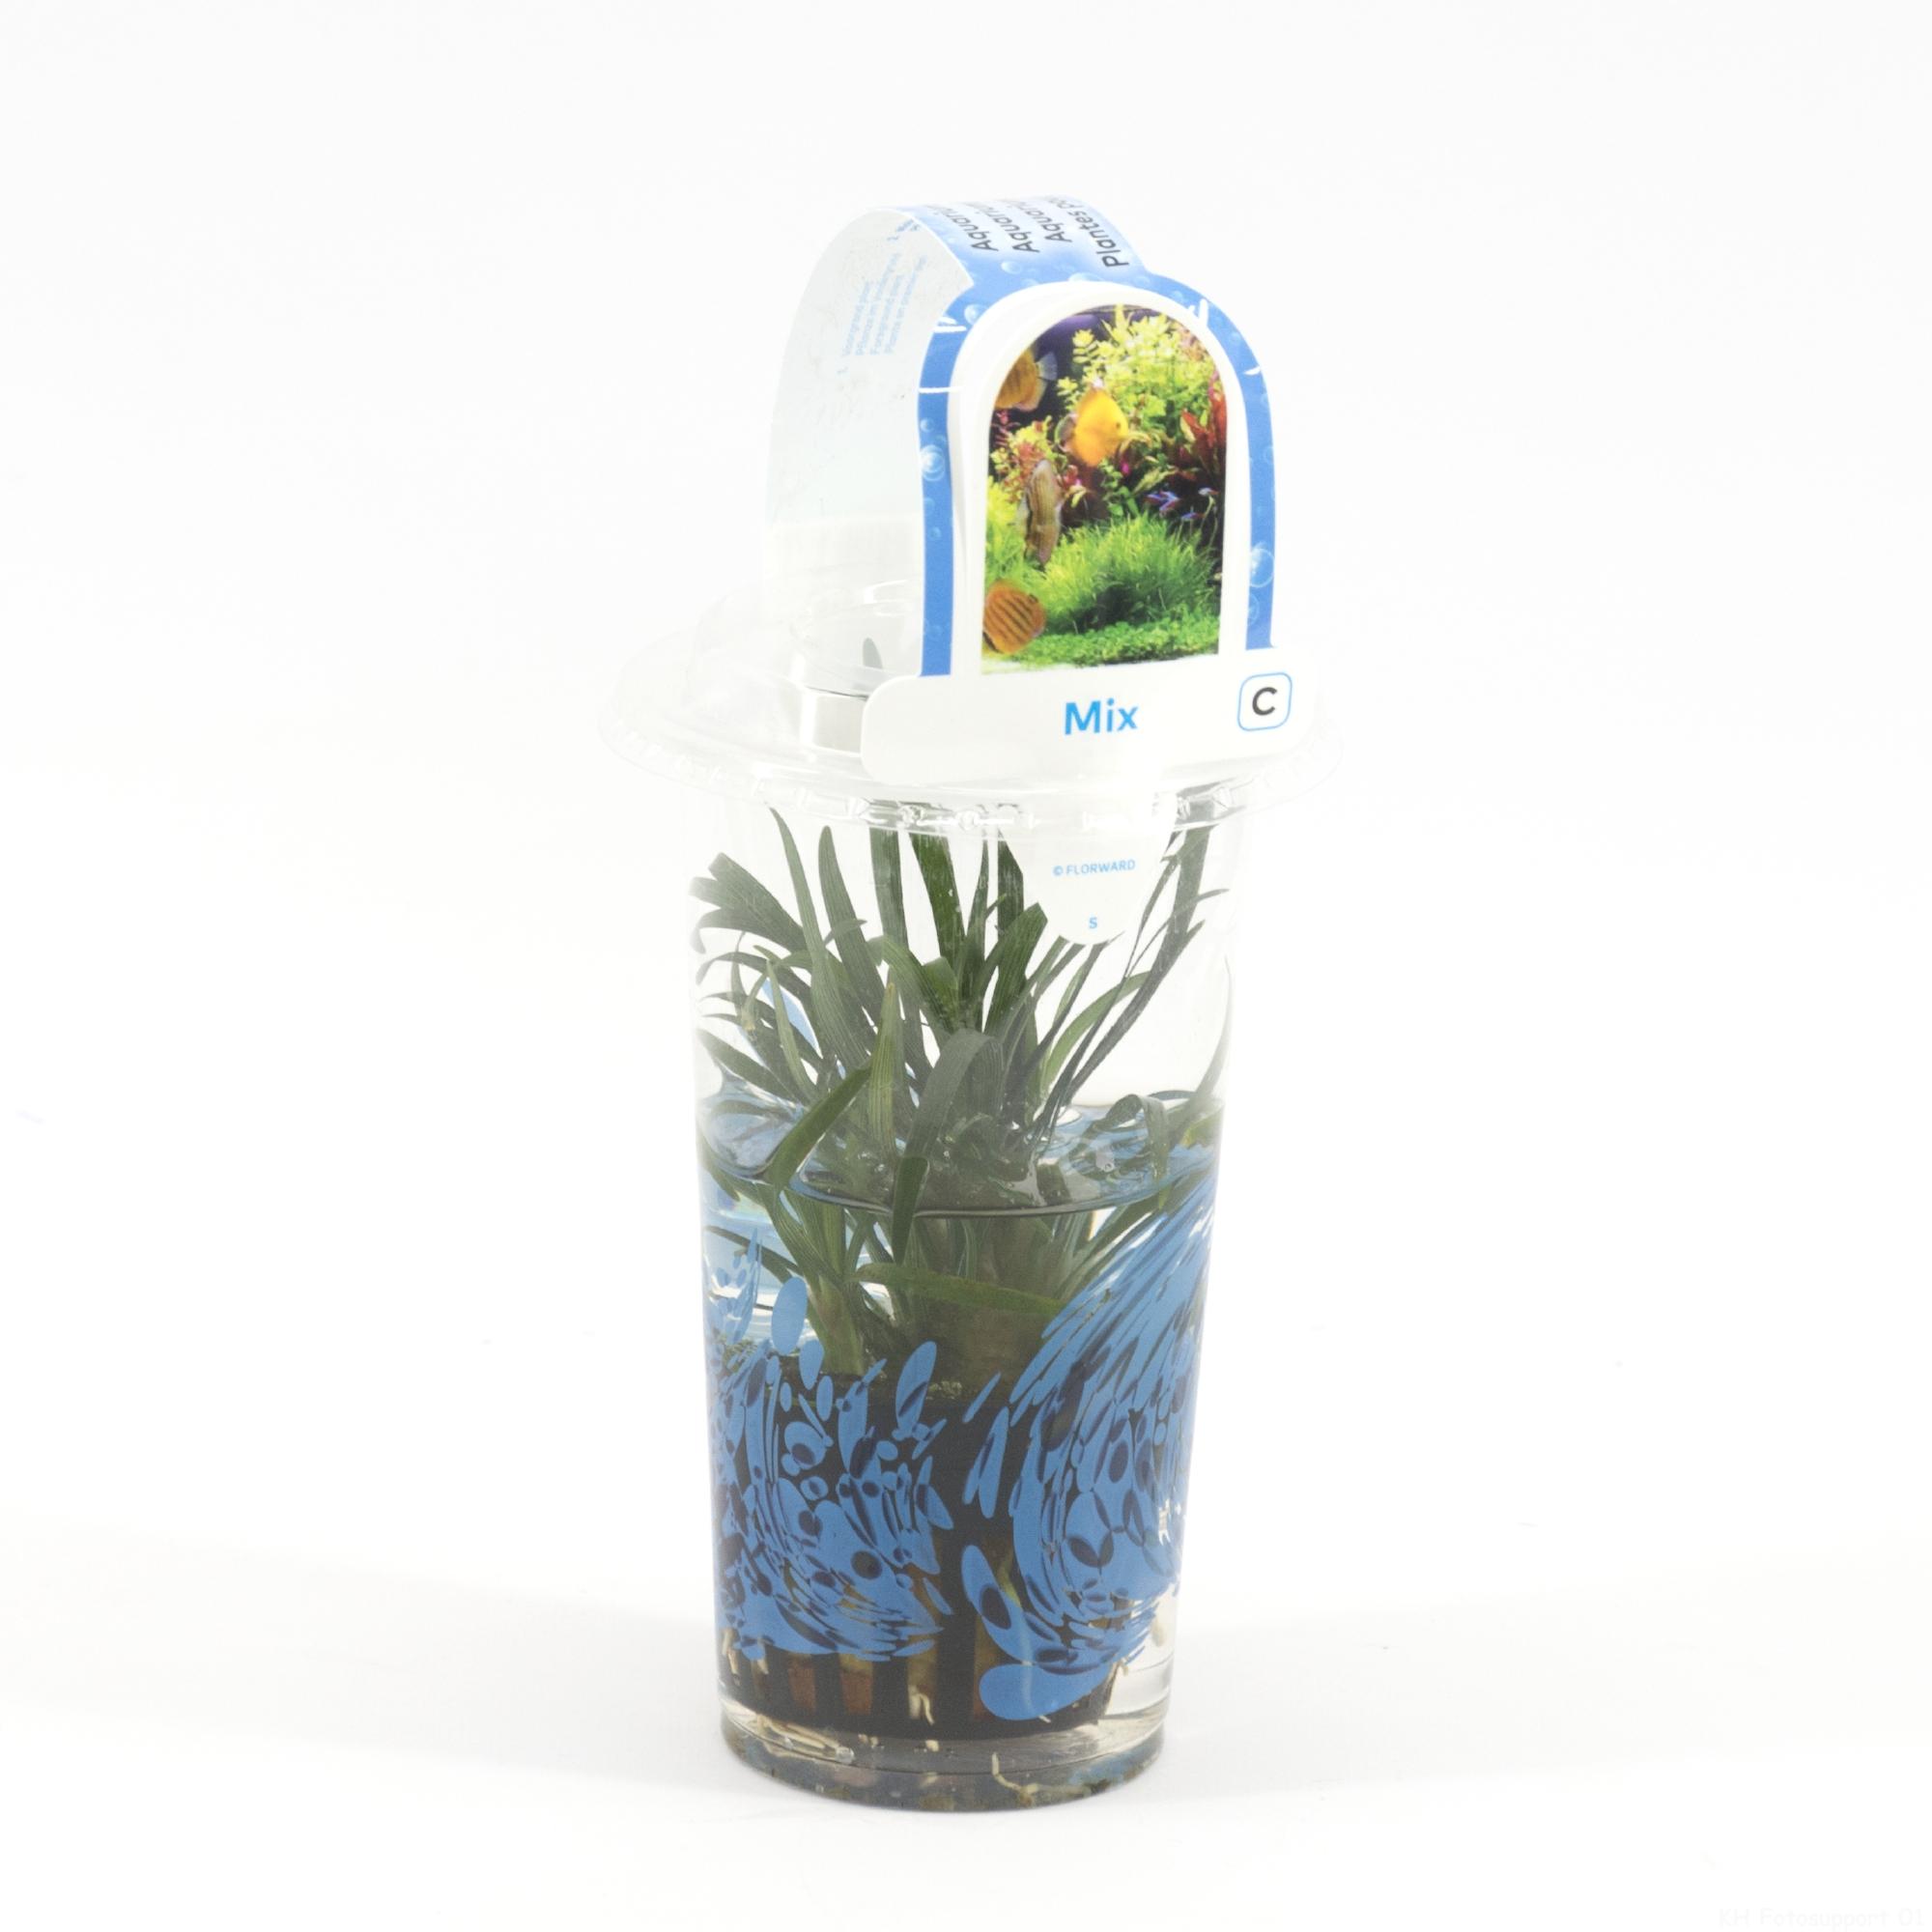 B x Aquariumplanten mix in beker small 20180320114428